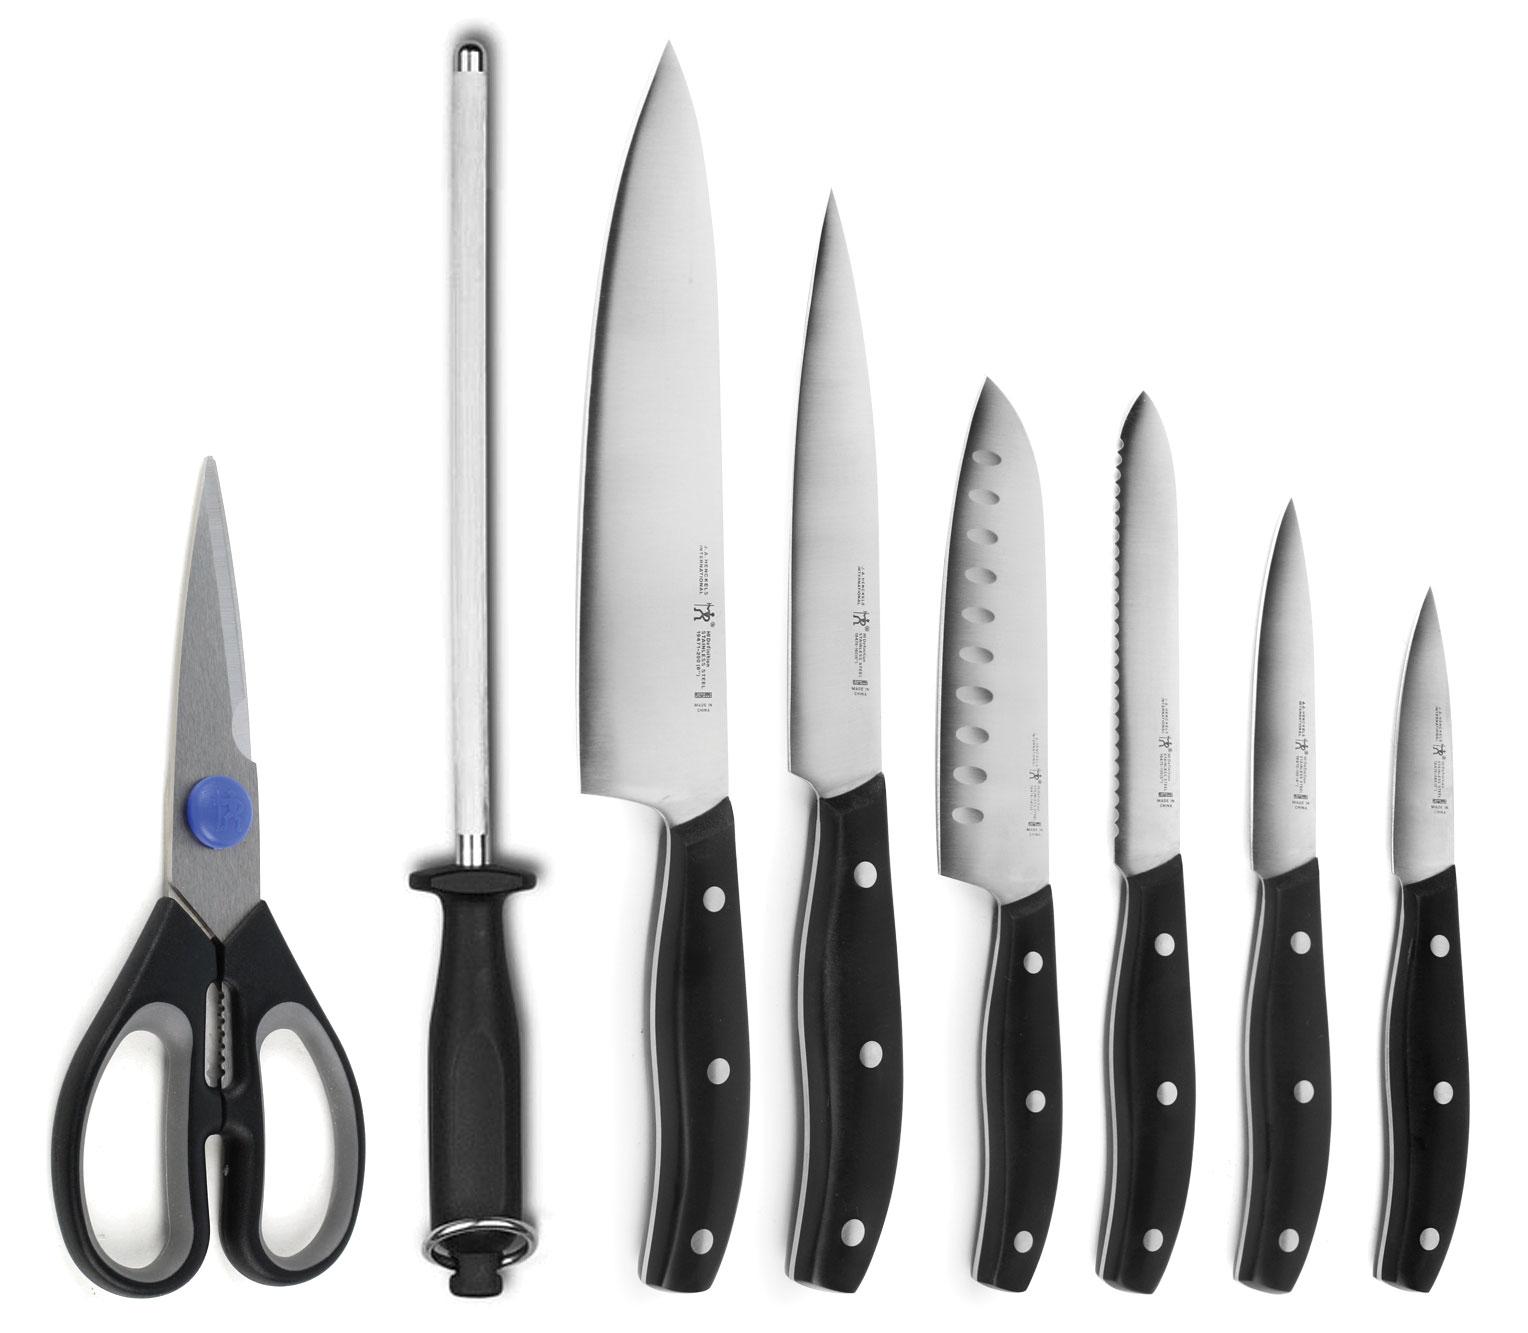 henckels international definition 9 piece knife block set. Black Bedroom Furniture Sets. Home Design Ideas